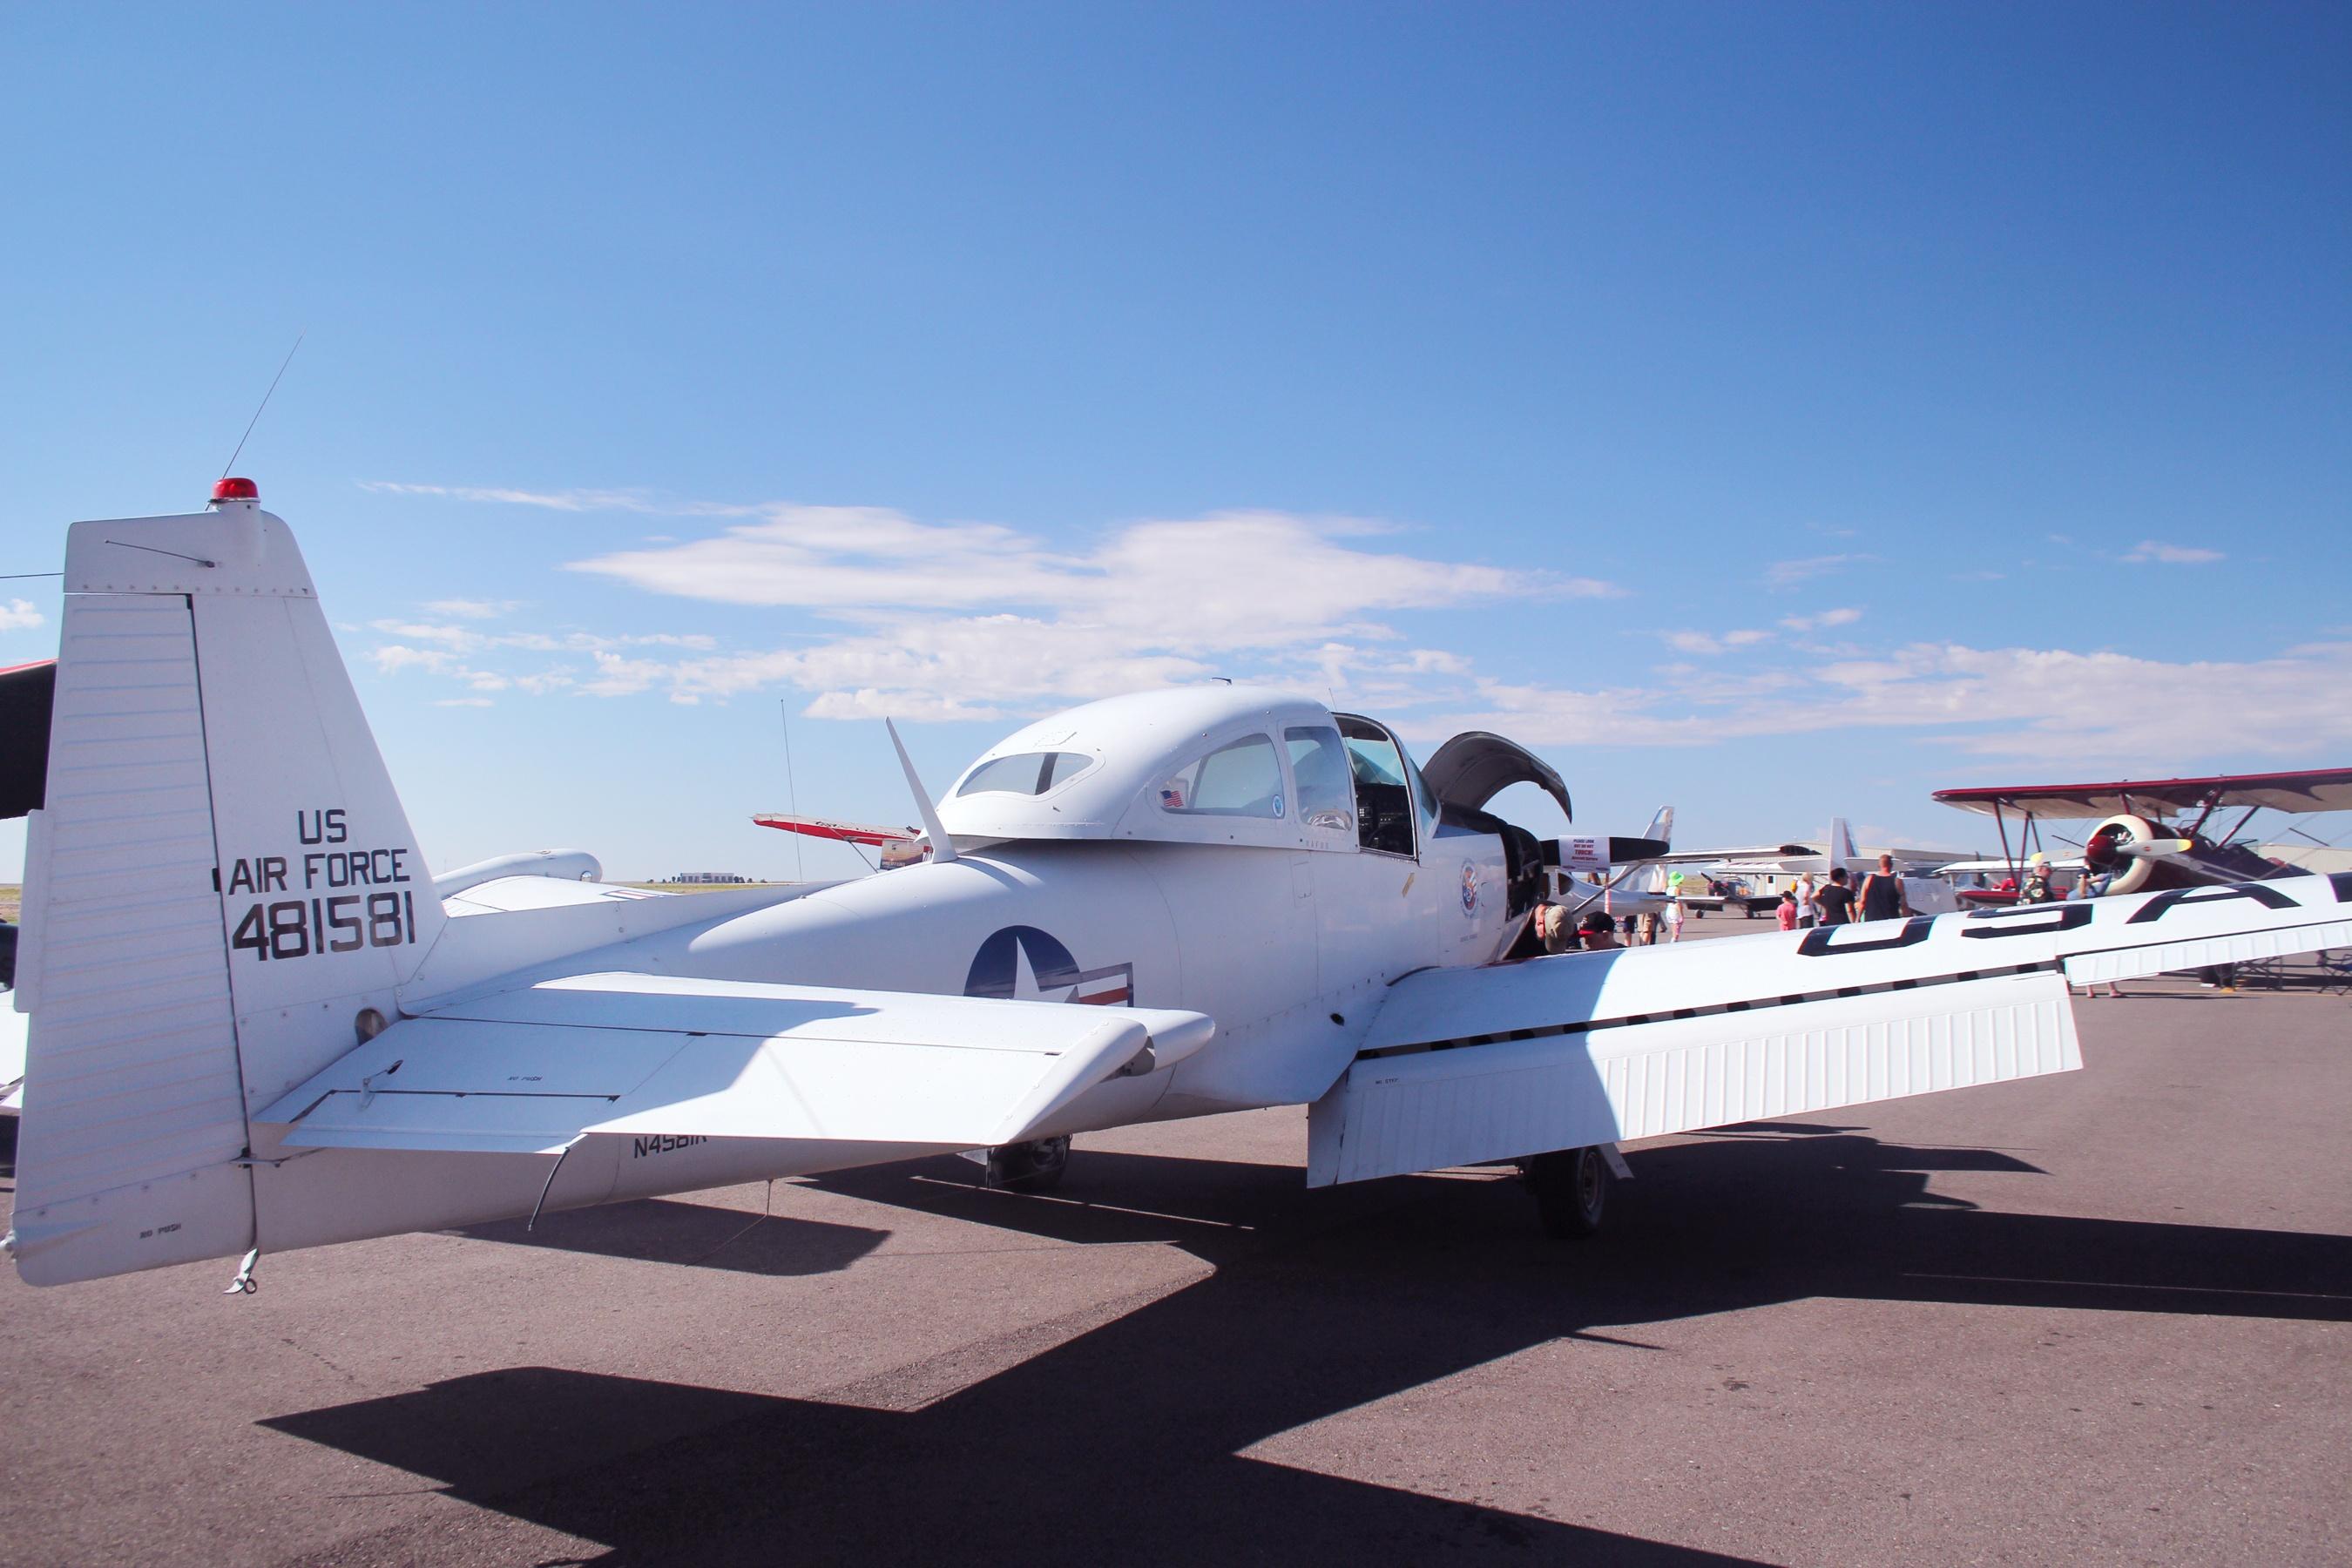 Best Warbird N481581